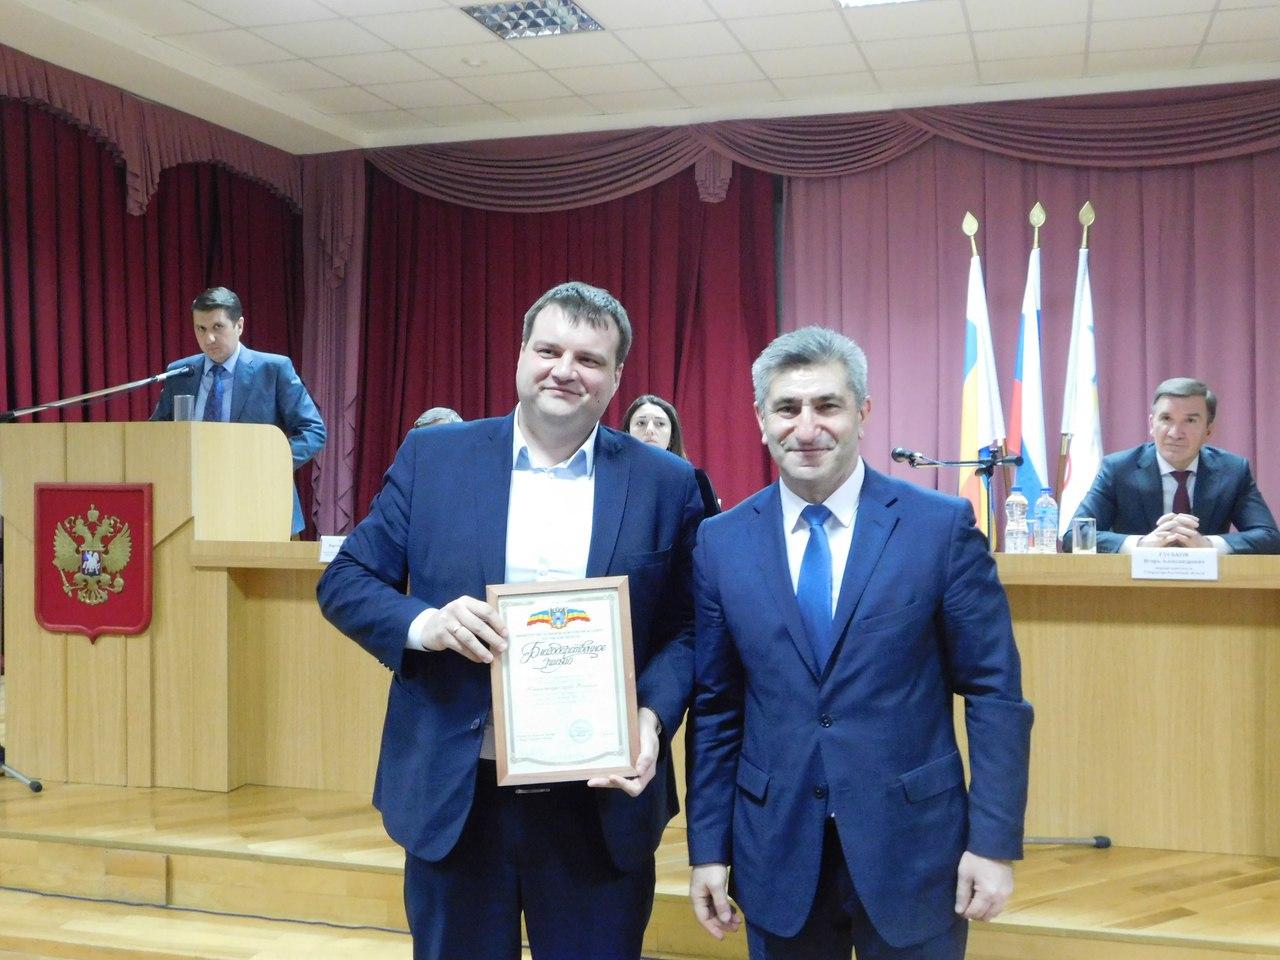 Таганрог наградили на коллегии министерства по физической культуре и спорту Ростовской области